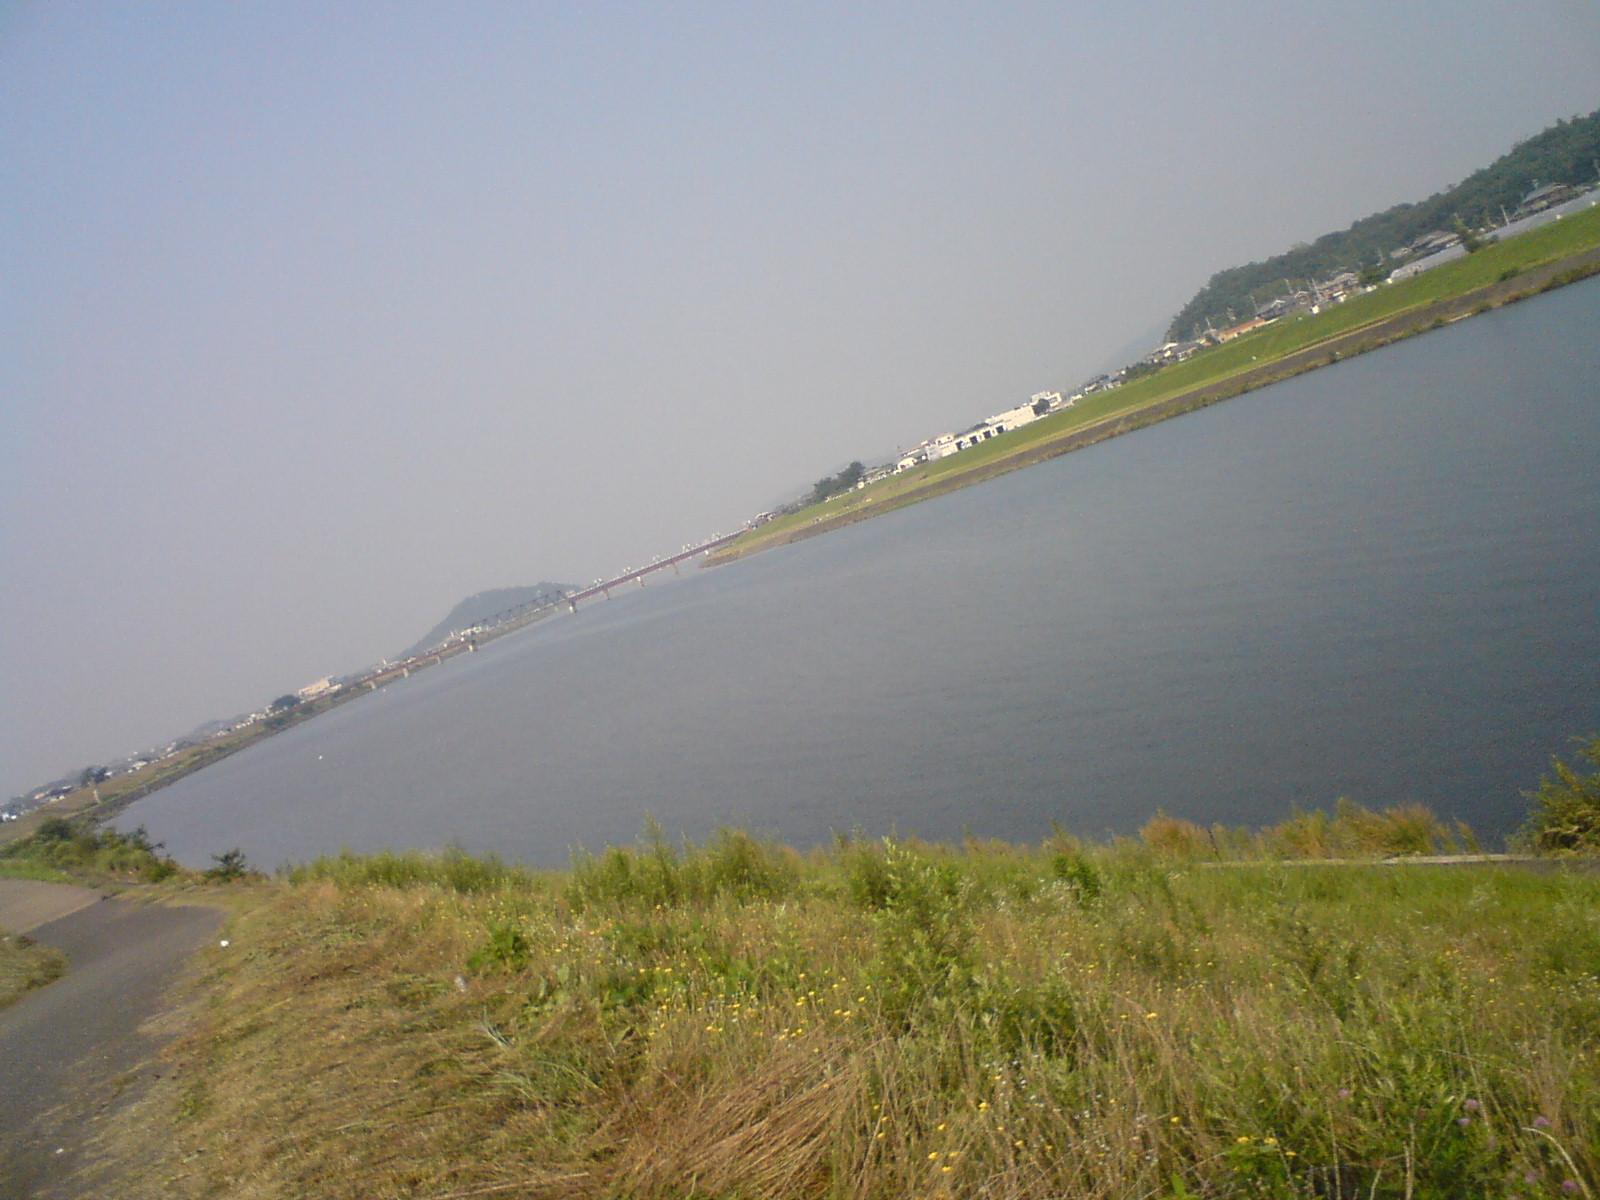 Kakogawaendofcourse